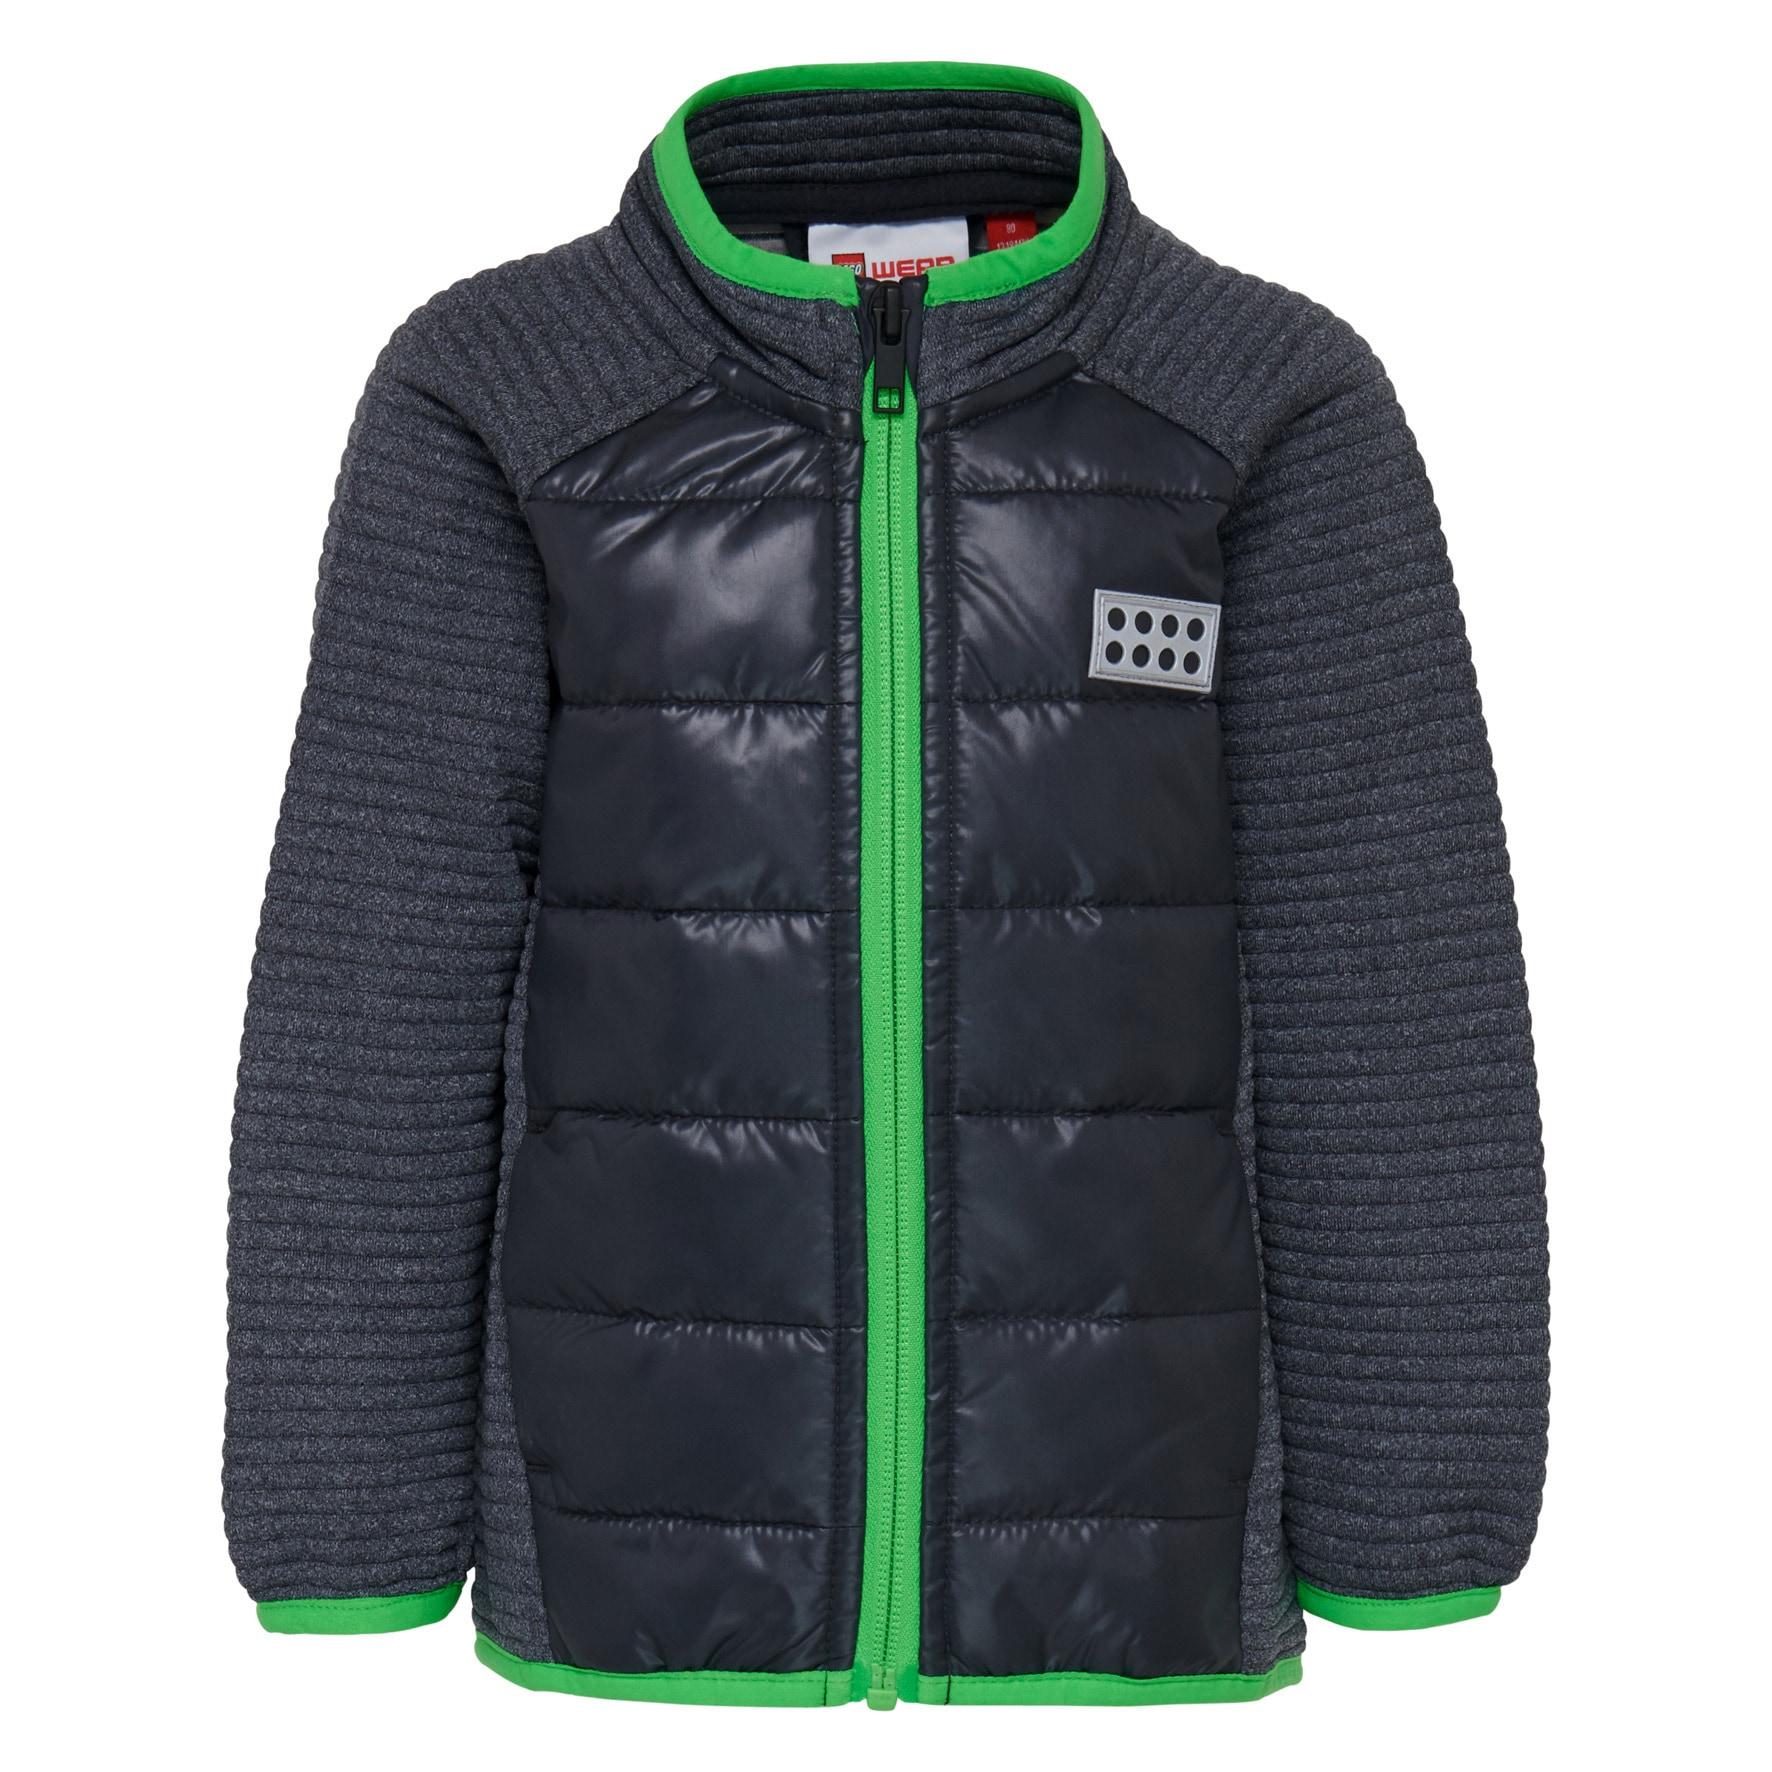 LEGO Wear Outdoorjacke SIRIUS 104 | Sportbekleidung > Sportjacken > Outdoorjacken | lego wear